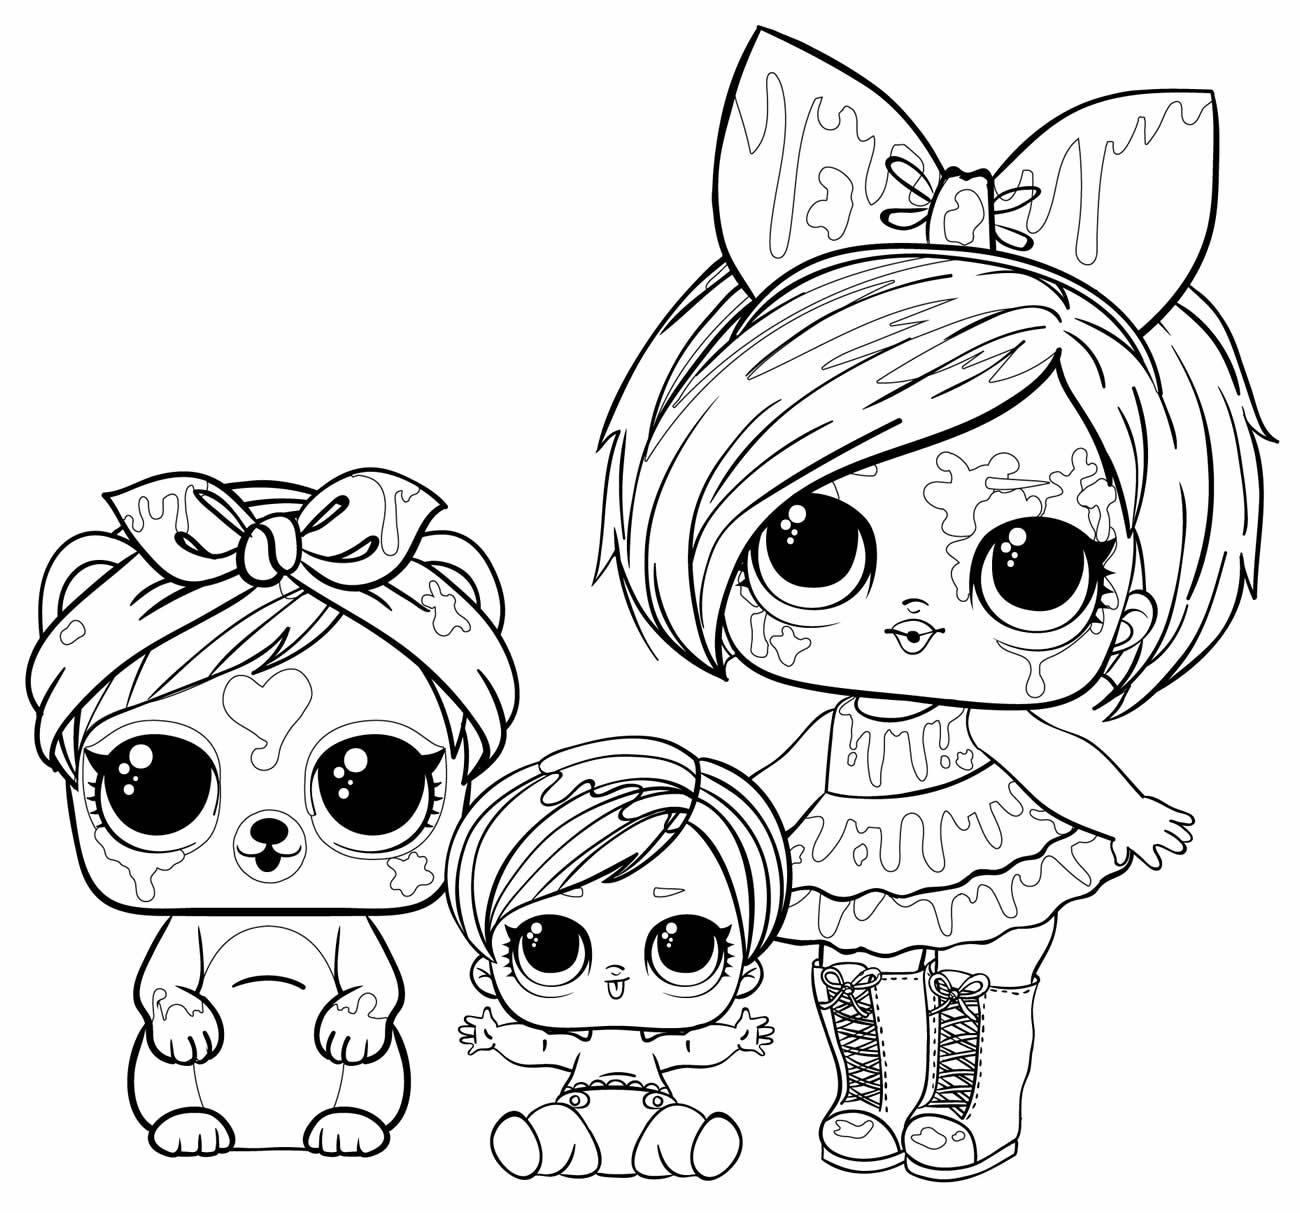 Desenho de bonecas LOL para pintar